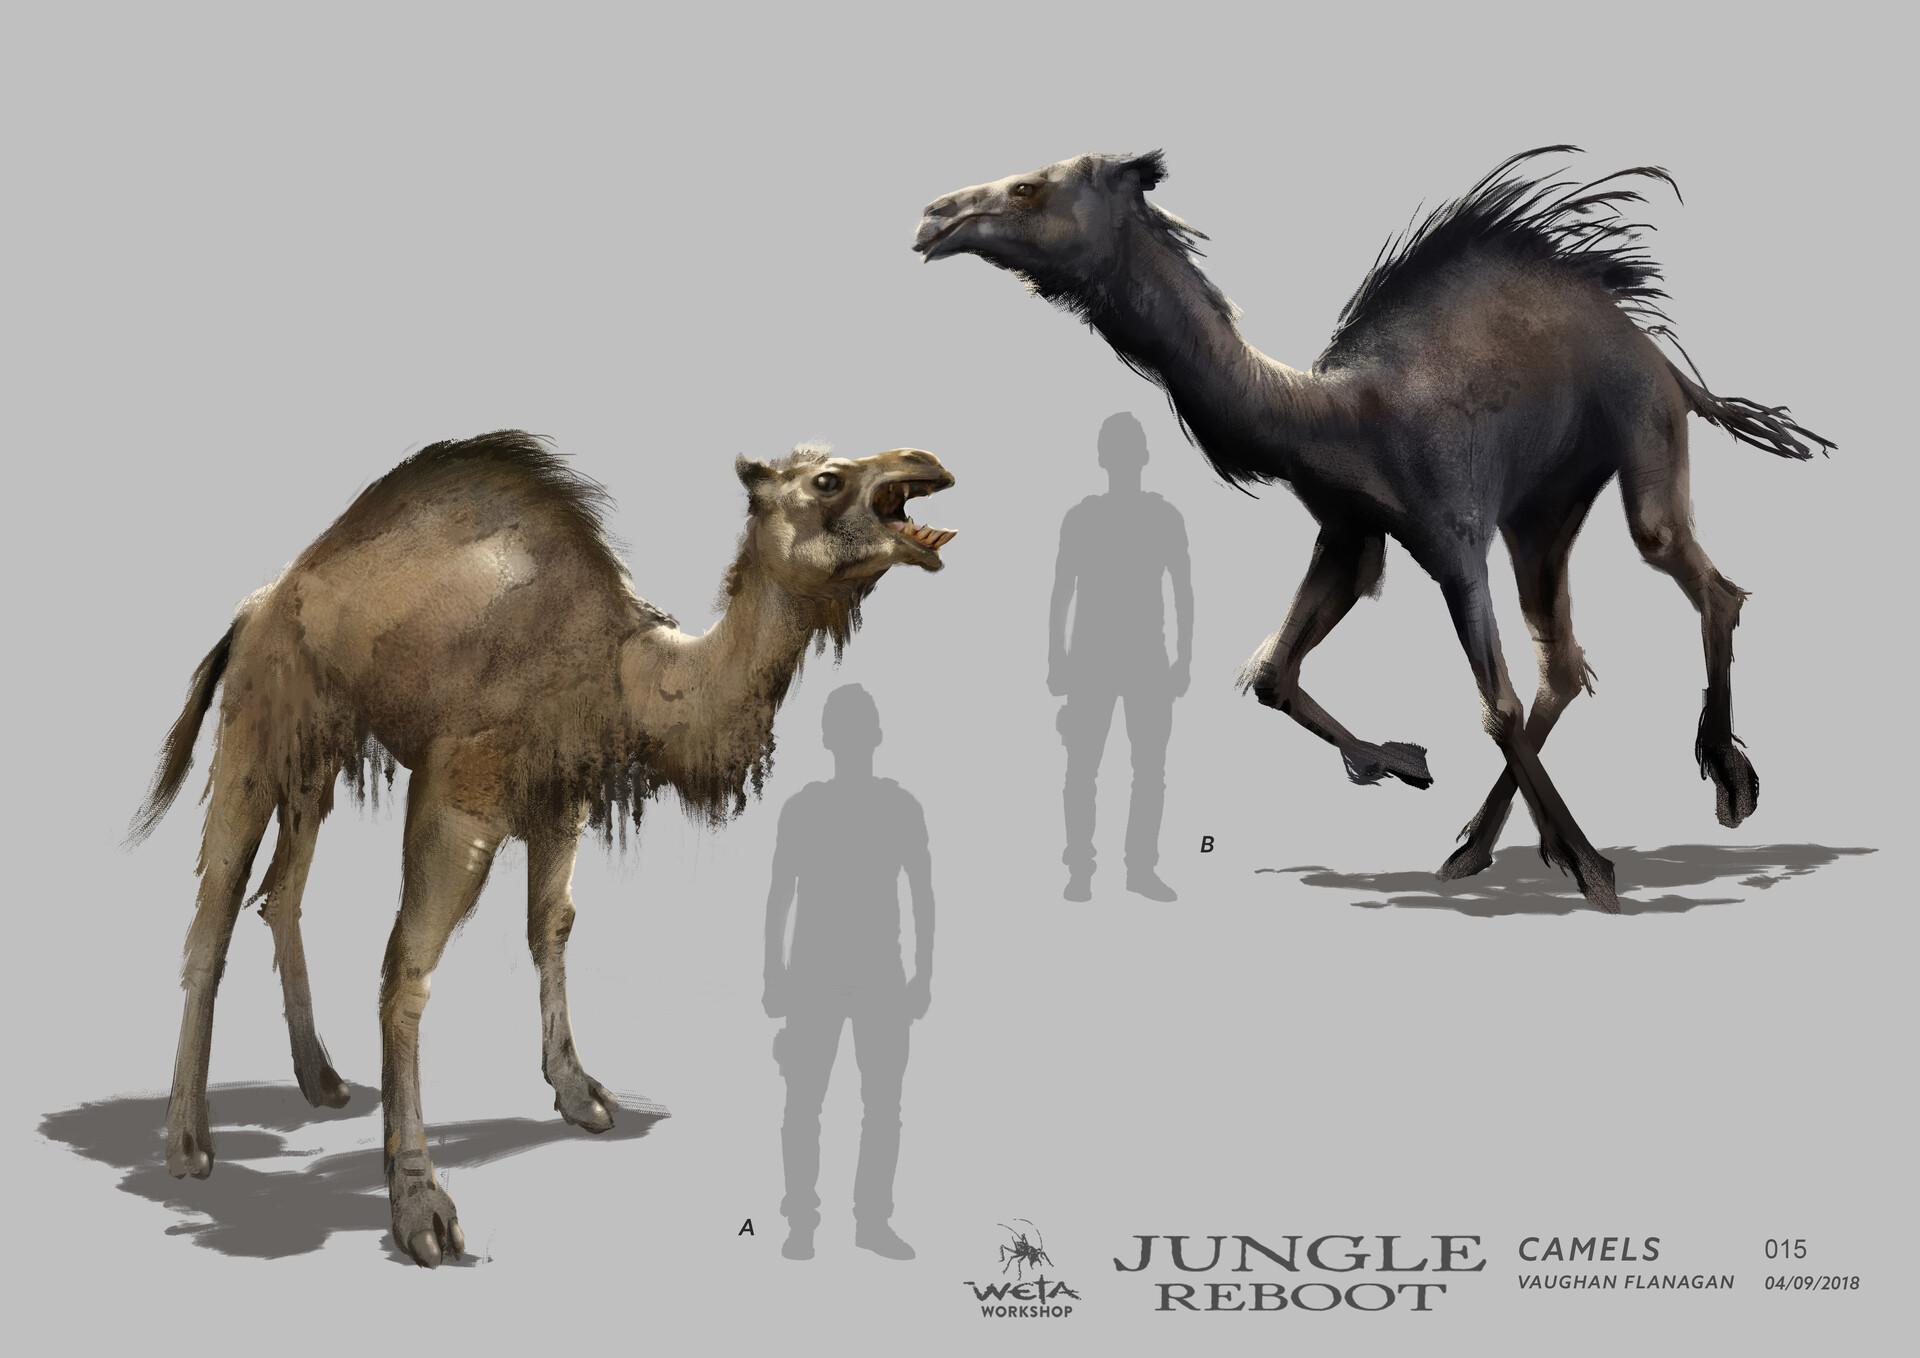 Weta workshop design studio 015 jr camels 1 vf